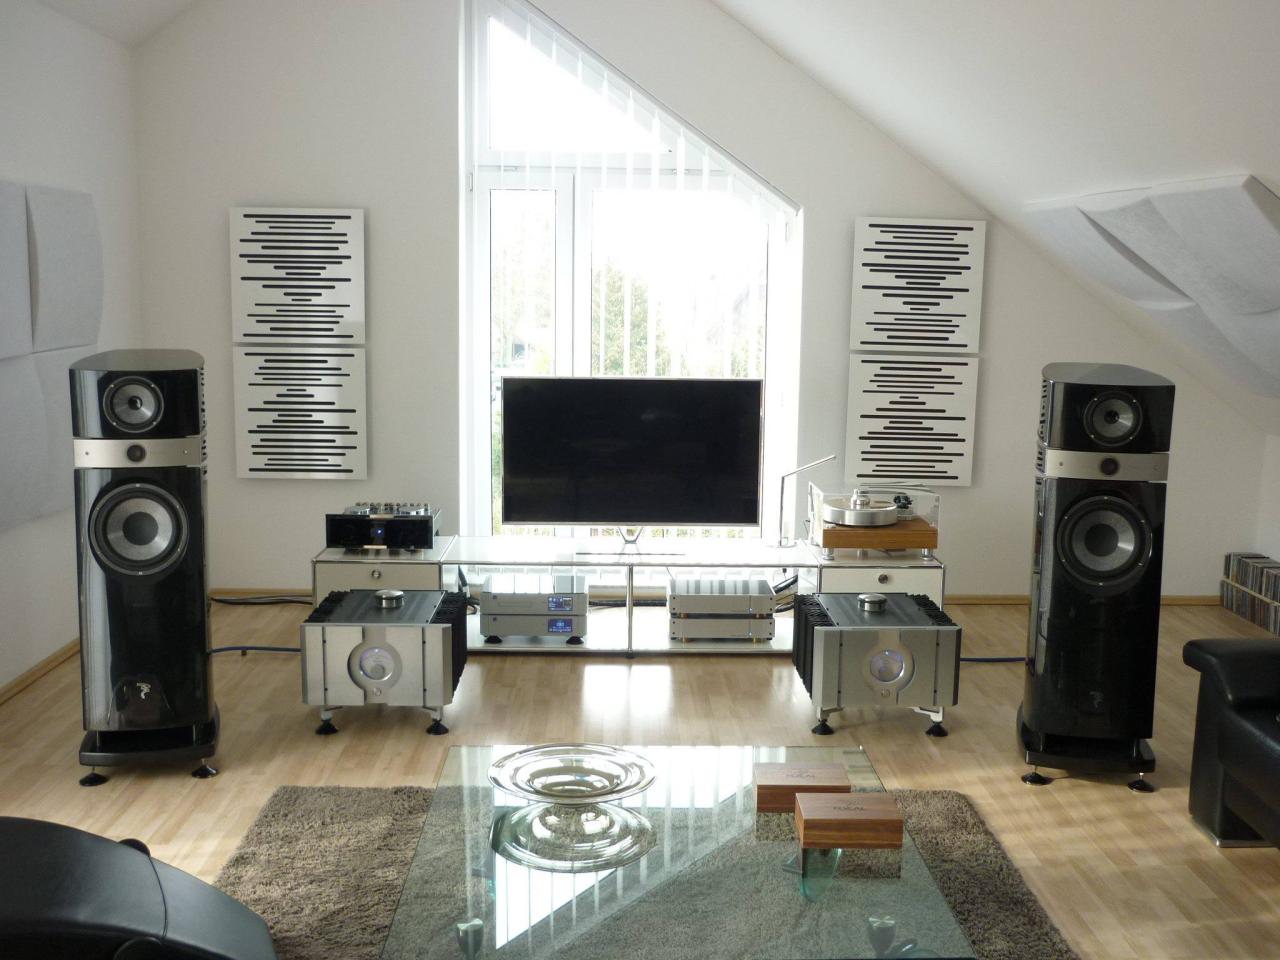 jmlab utopia audiophile listening rooms en 2019 audio acoustique et panneaux acoustiques. Black Bedroom Furniture Sets. Home Design Ideas